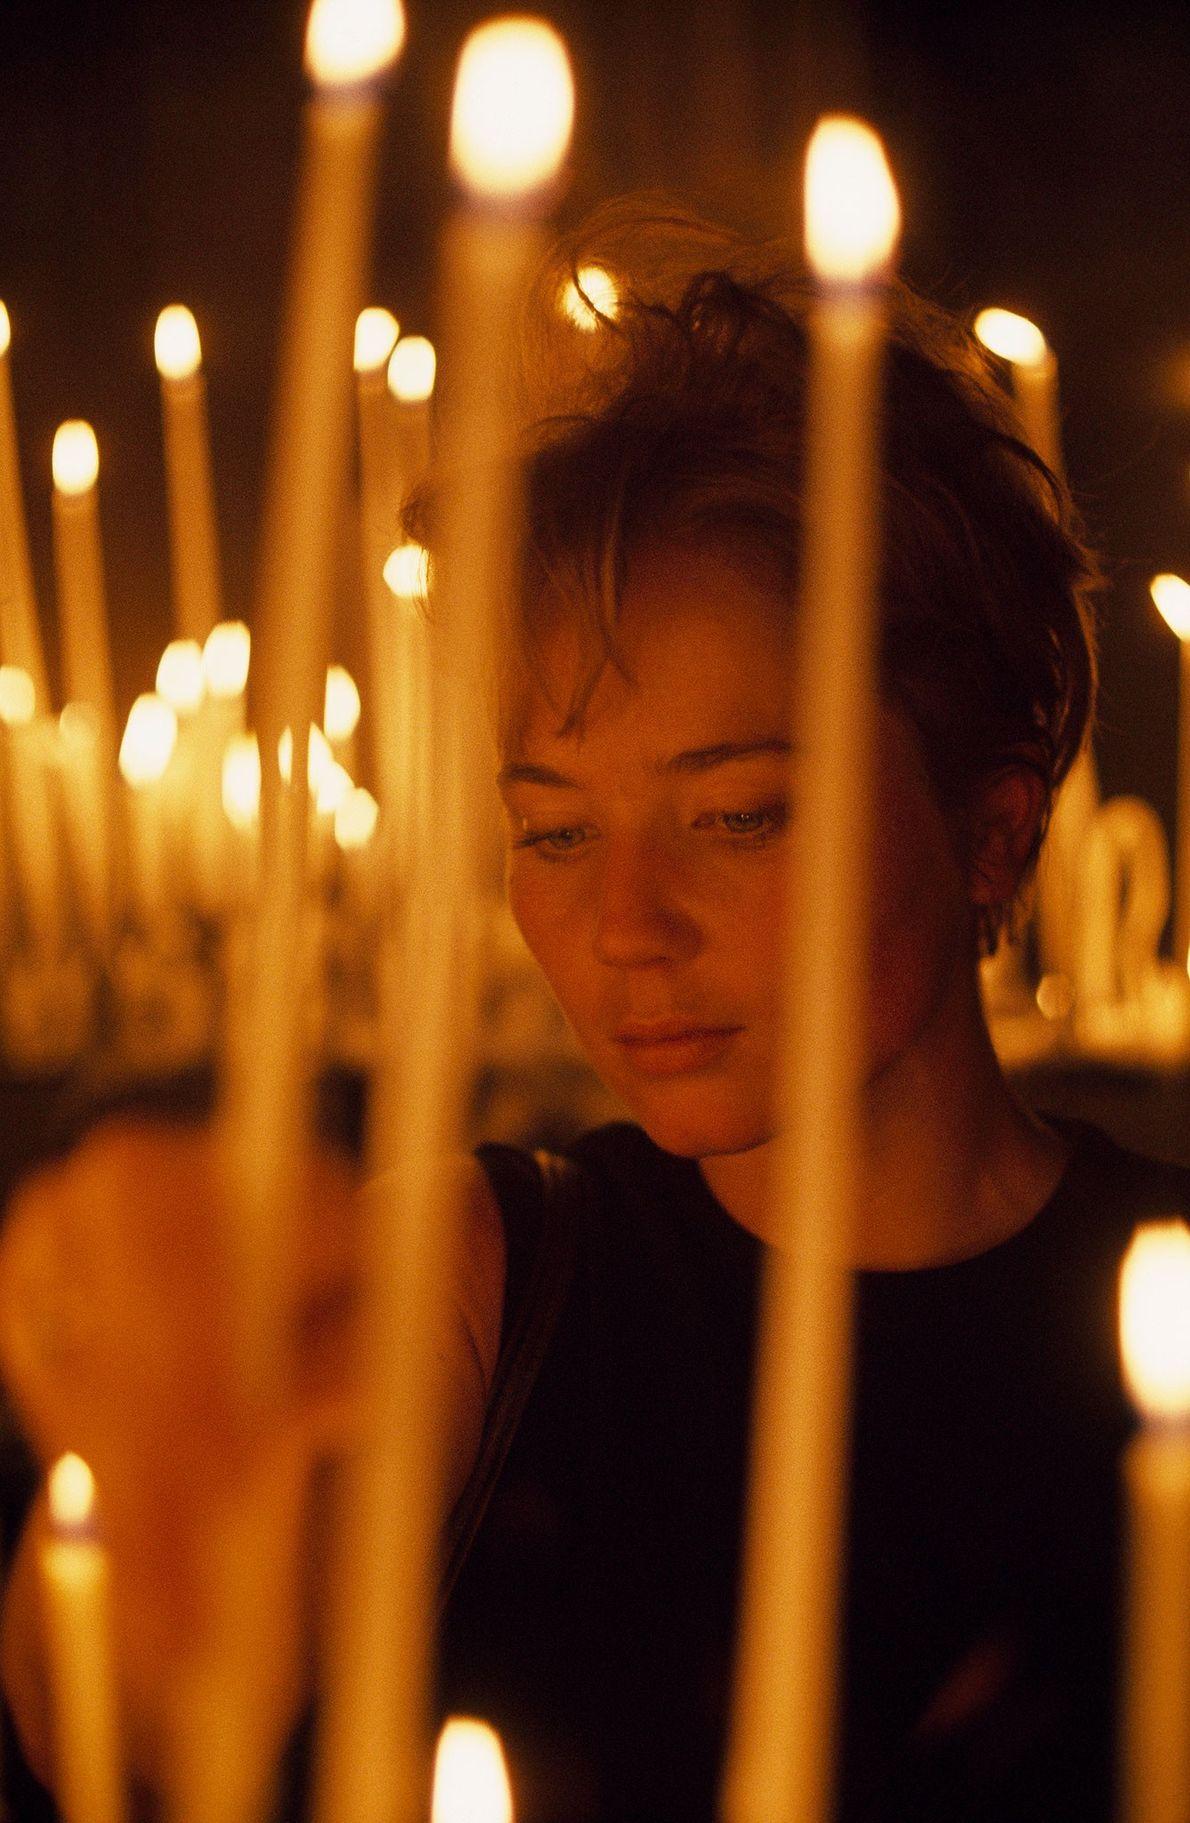 Une touriste américaine allume une bougie dans la cathédrale en 1968.